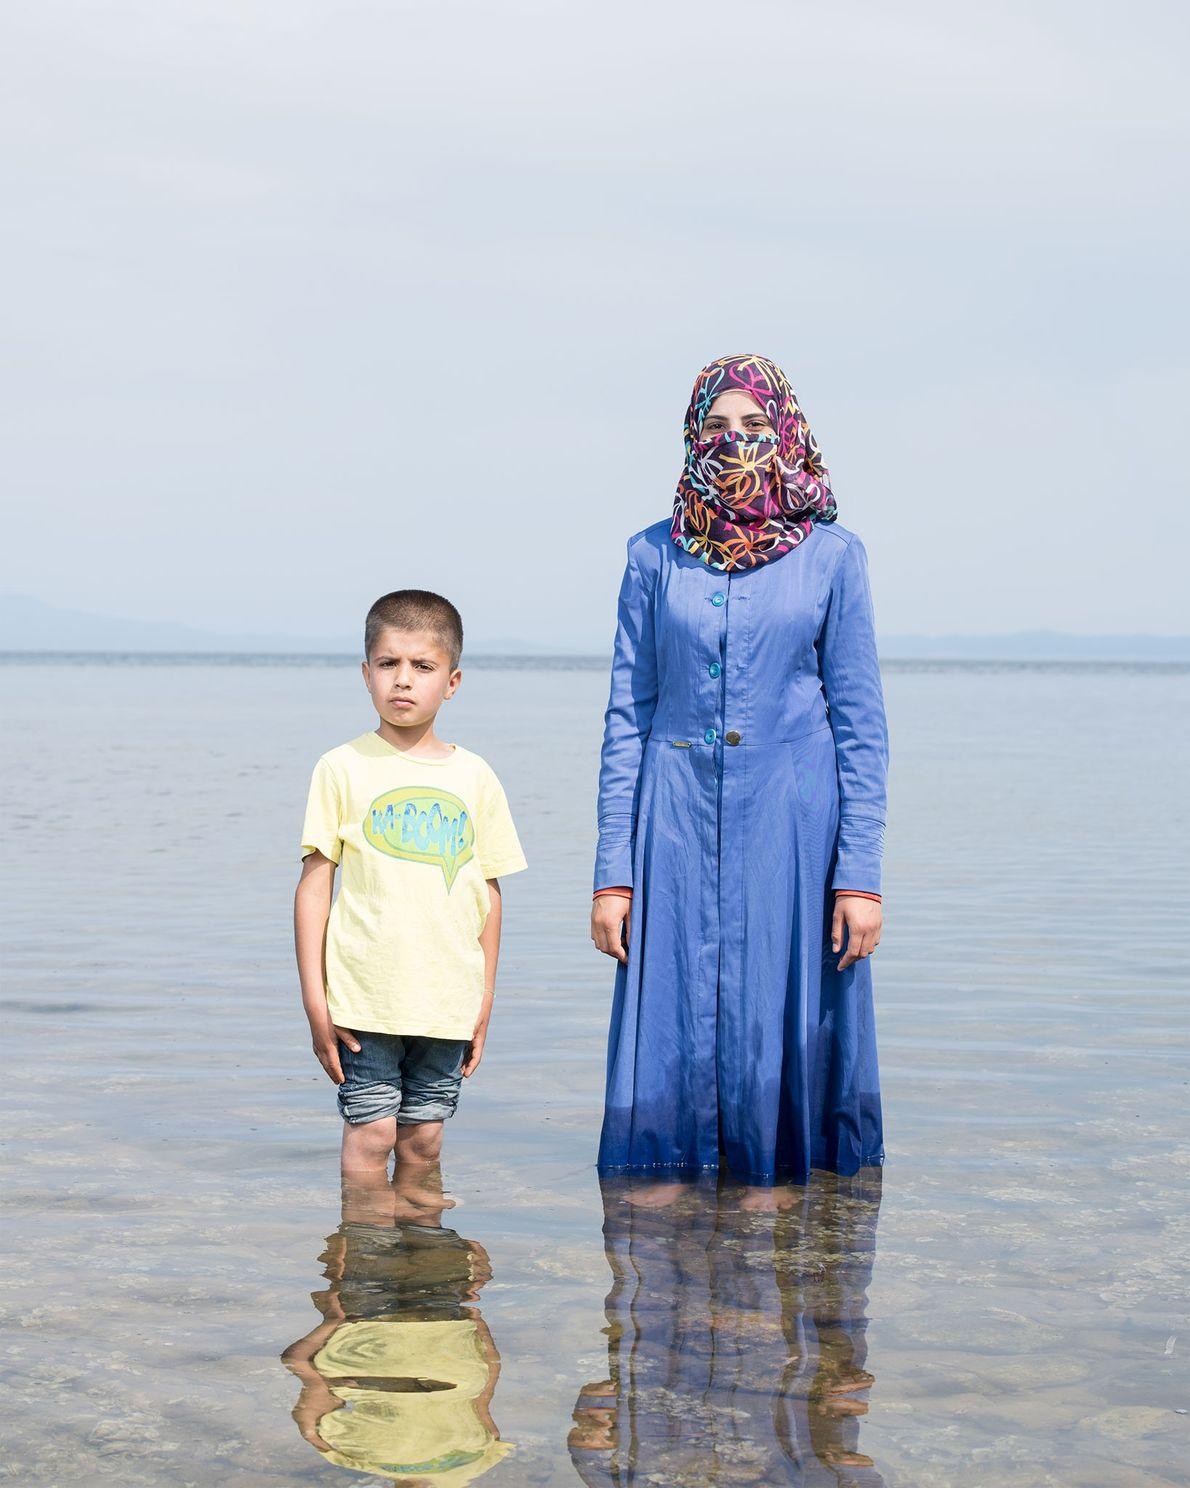 Die 19-jährige Kafa Al Nayaf und ihr Neffe flohen aus Syrien vor den Bombenangriffen. Fünf Monate ...